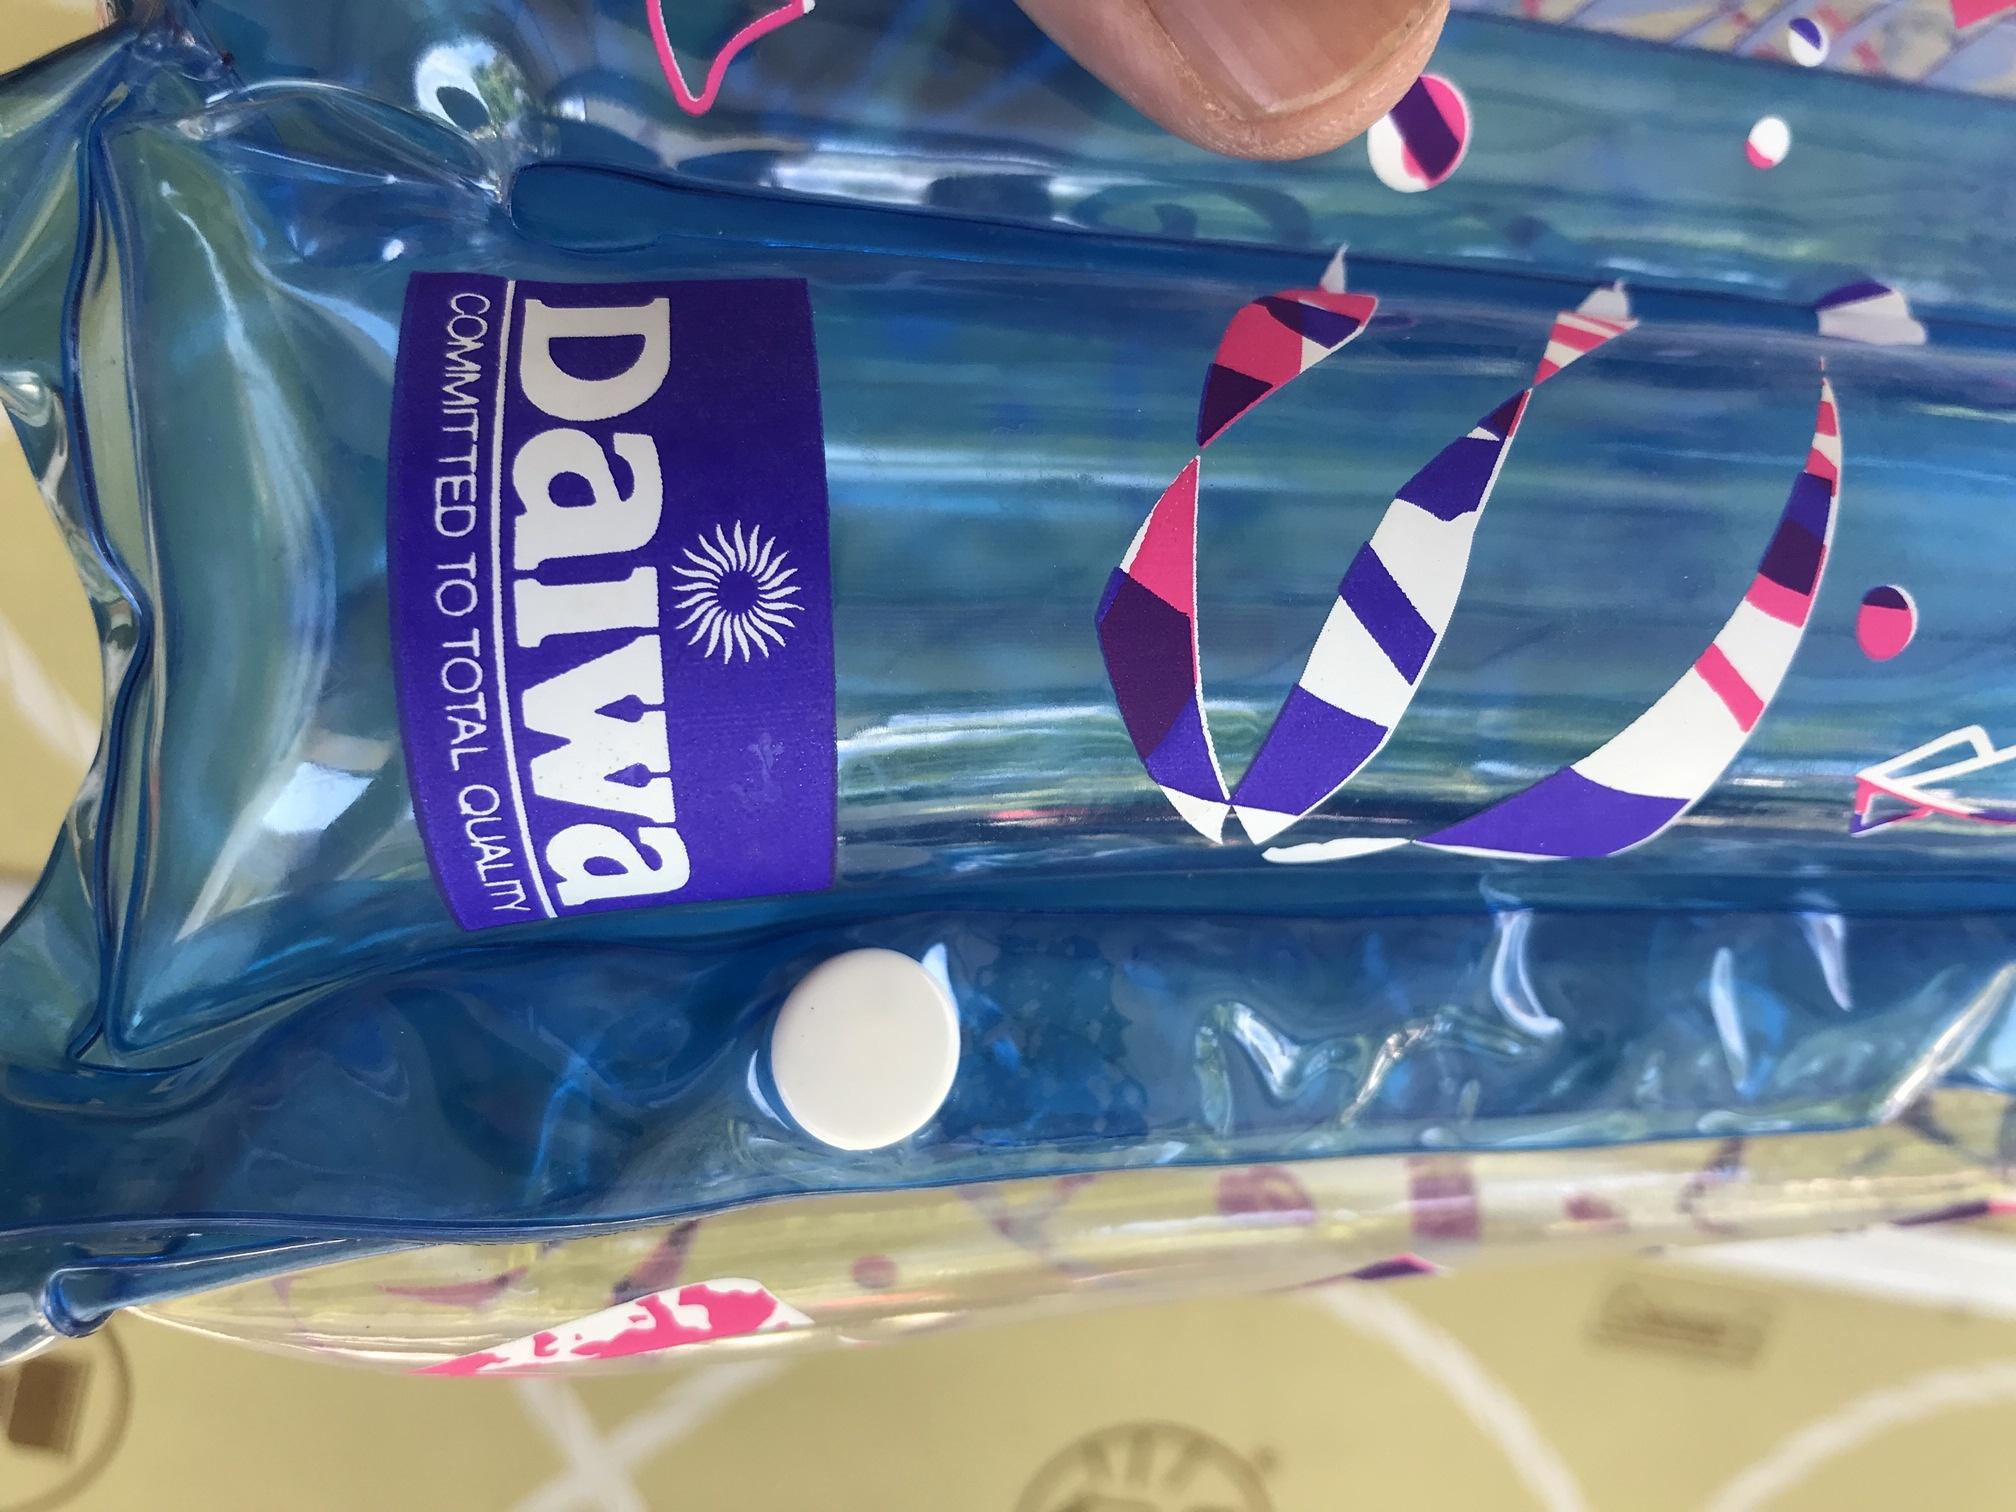 อุปกรณ์ Daiwa แบบนี้เขาเอาไปใช้งานแบบไหนครับ